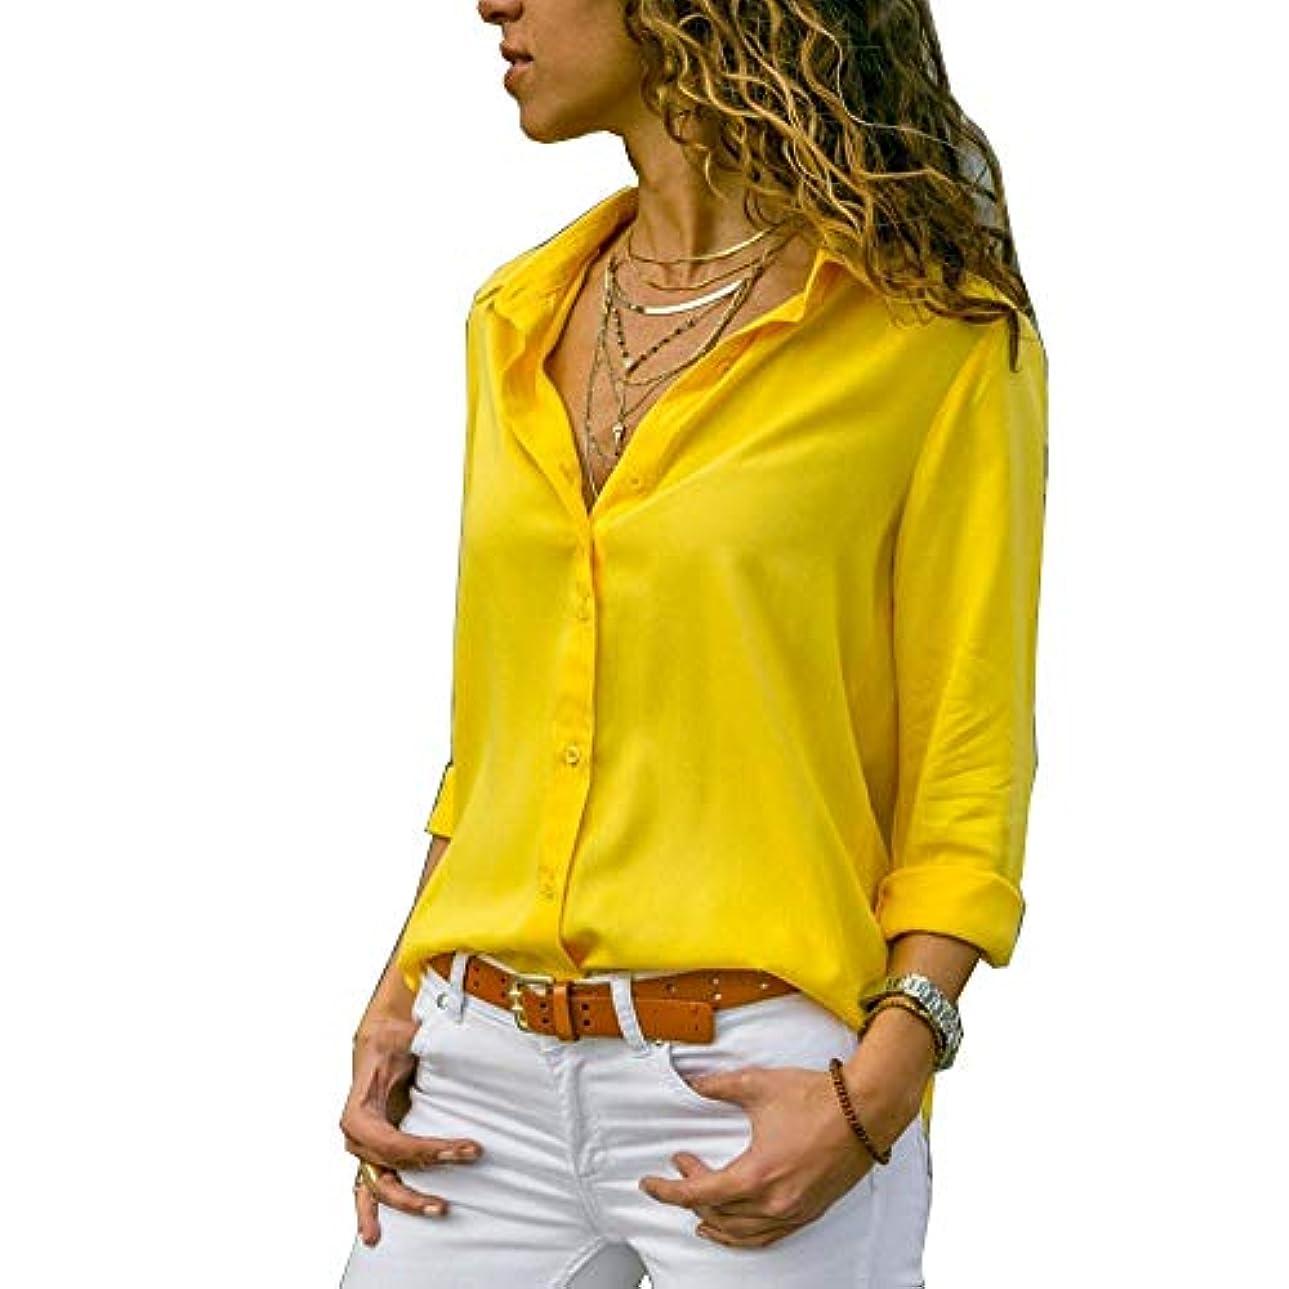 受益者印をつけるシニスMIFAN ルーズシャツ、トップス&Tシャツ、プラスサイズ、トップス&ブラウス、シフォンブラウス、女性トップス、シフォンシャツ